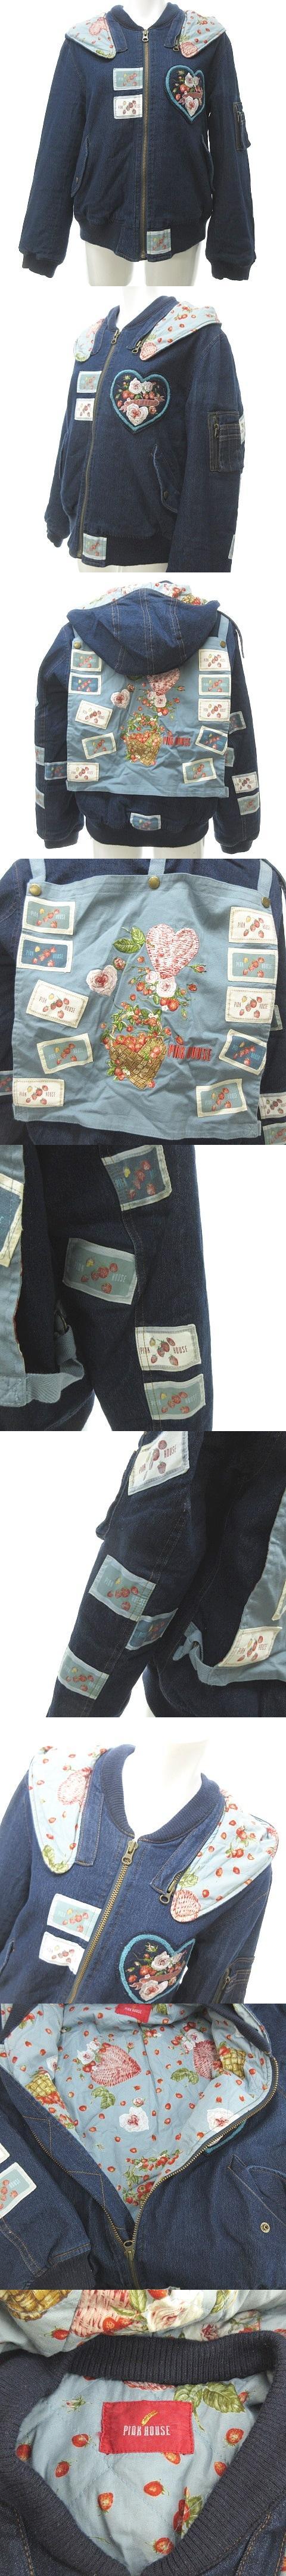 ブルゾン 中綿ジャケット MA-1 デニム ロゴ パッチ 刺繍 アップリケ イチゴ インディゴ メルローズ 0705 NST